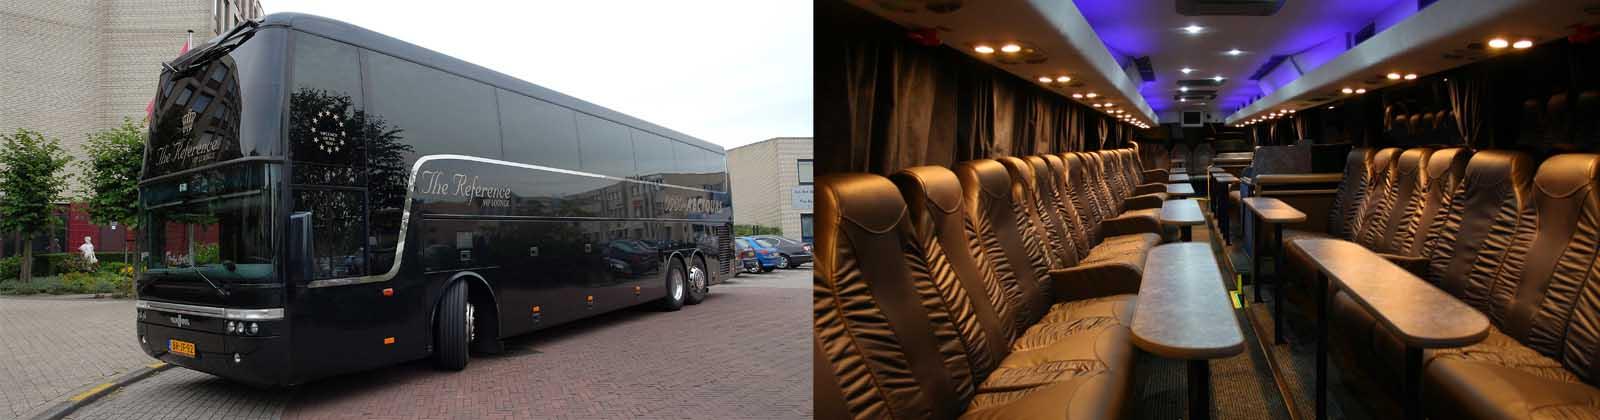 VIP-bus-Brussels-Belgium